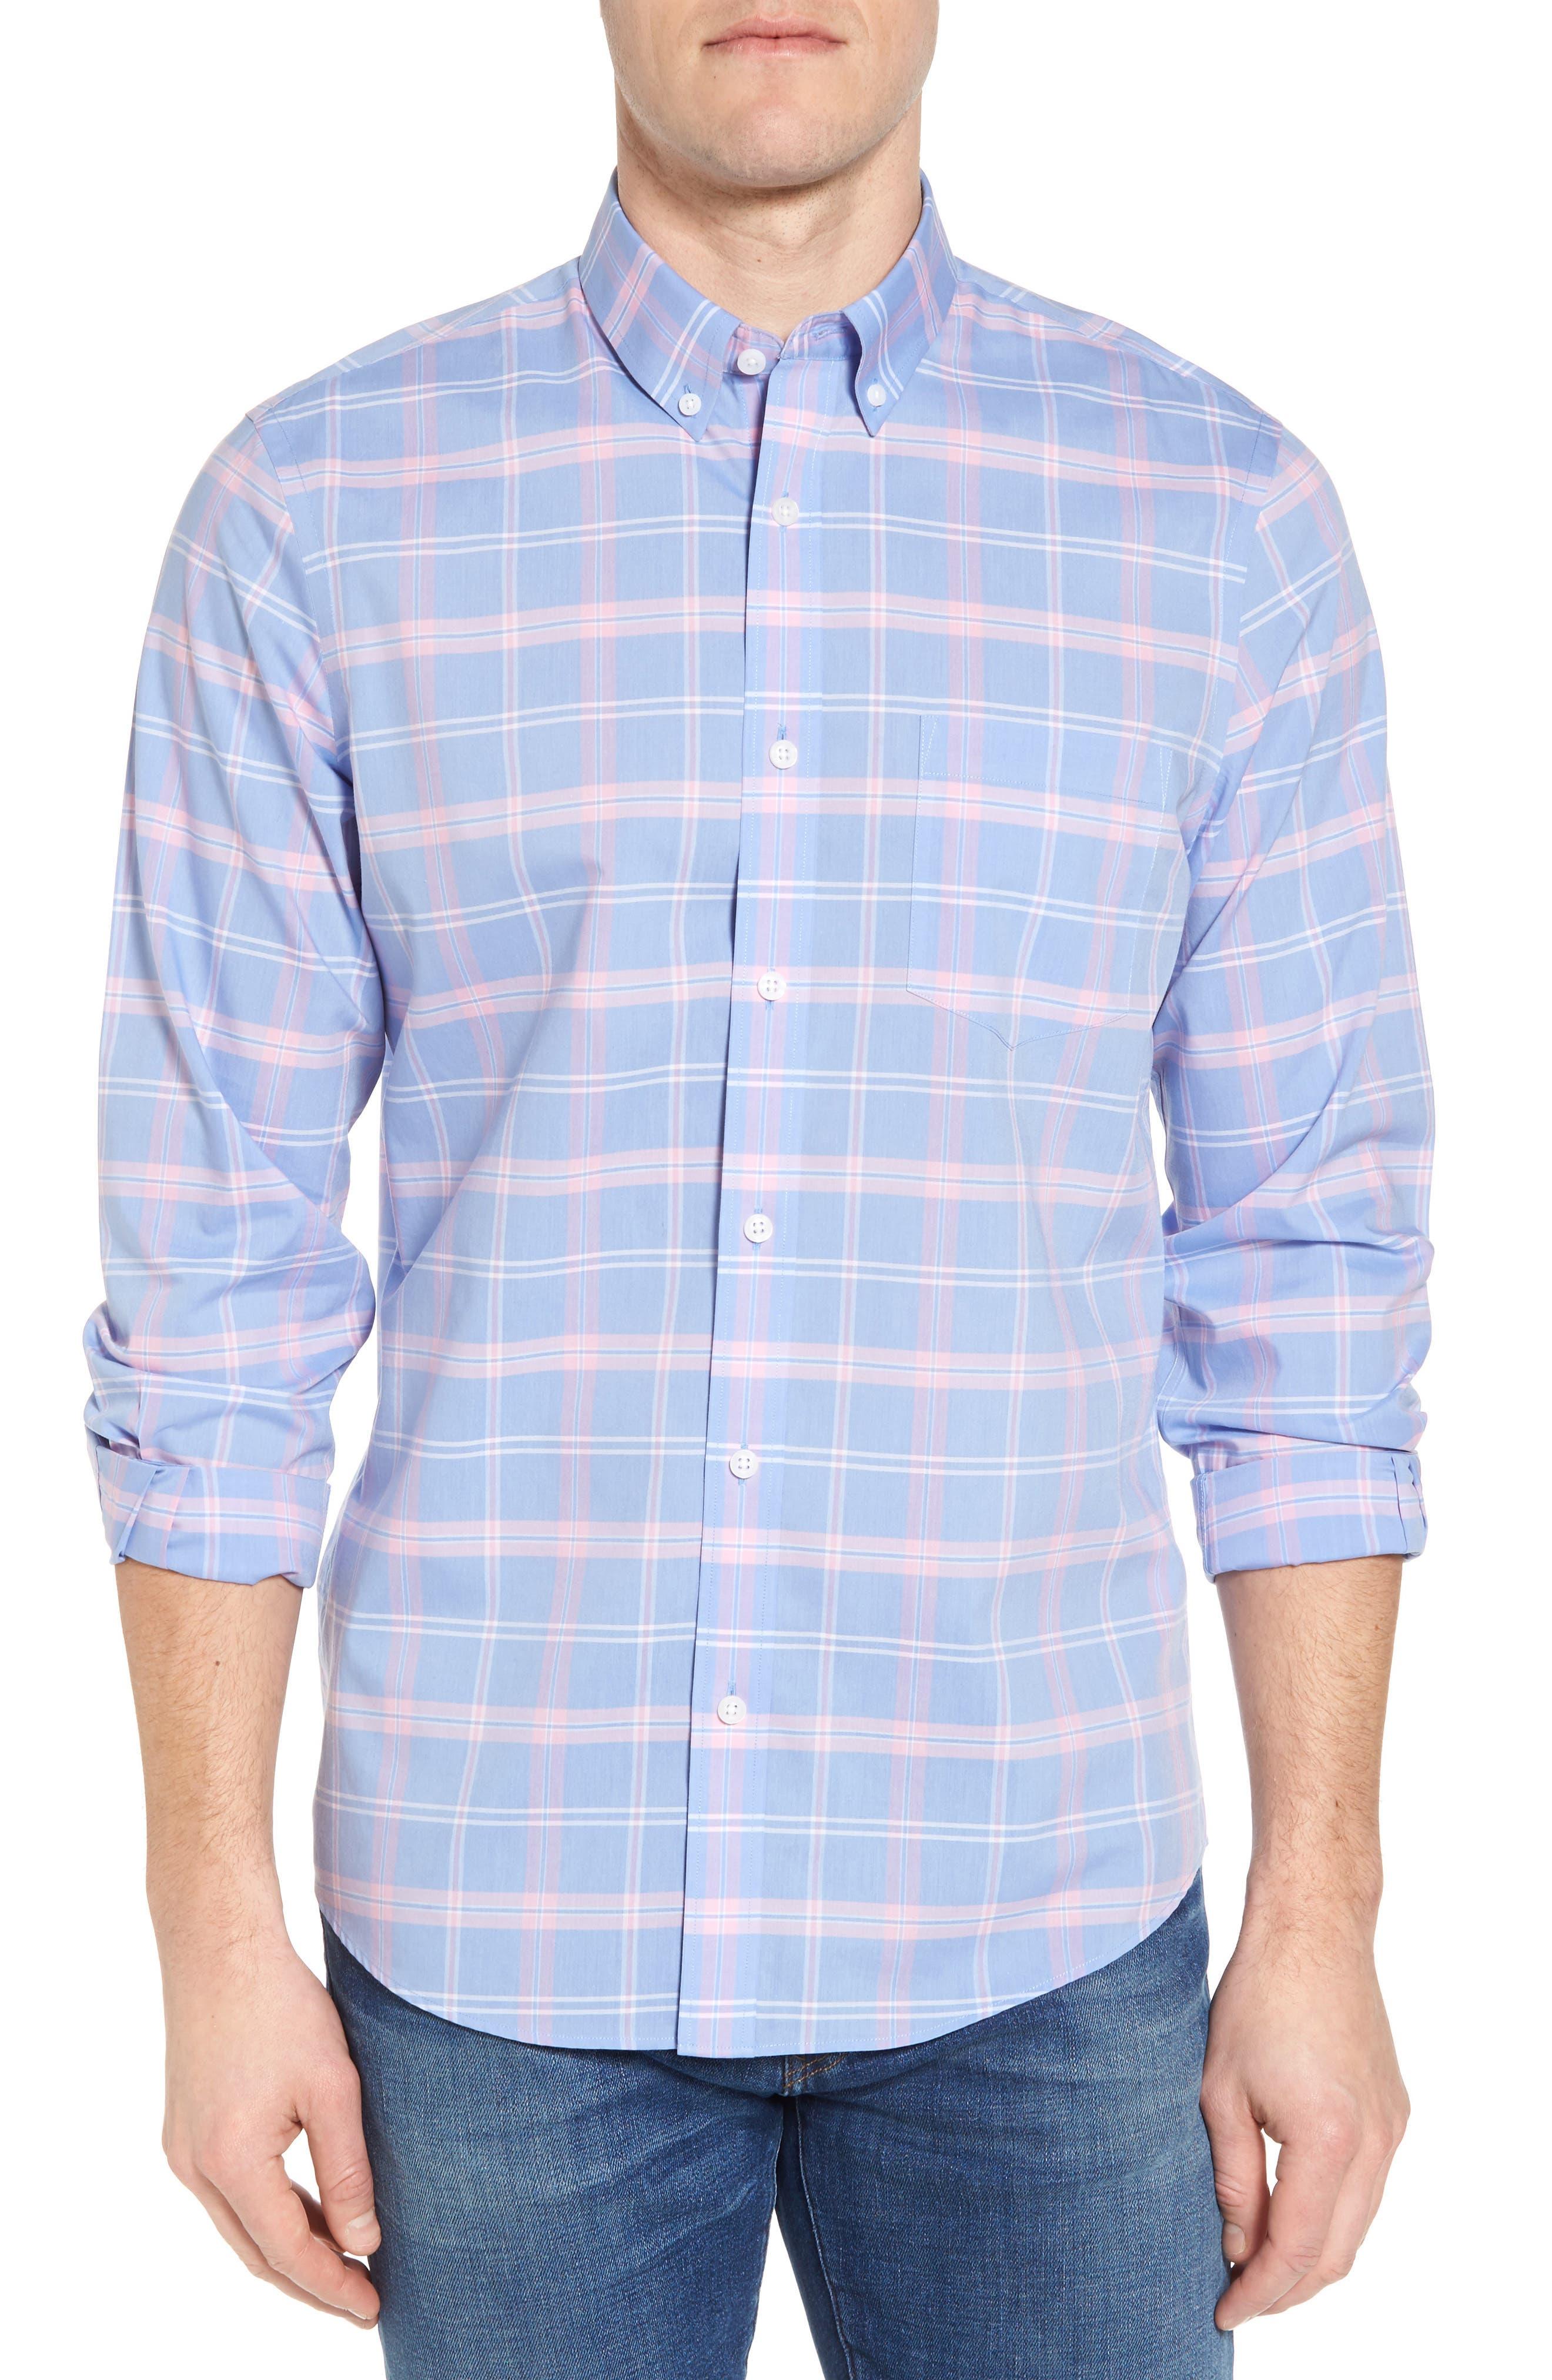 Smartcare<sup>™</sup> Regular Fit Plaid Sport Shirt,                             Main thumbnail 1, color,